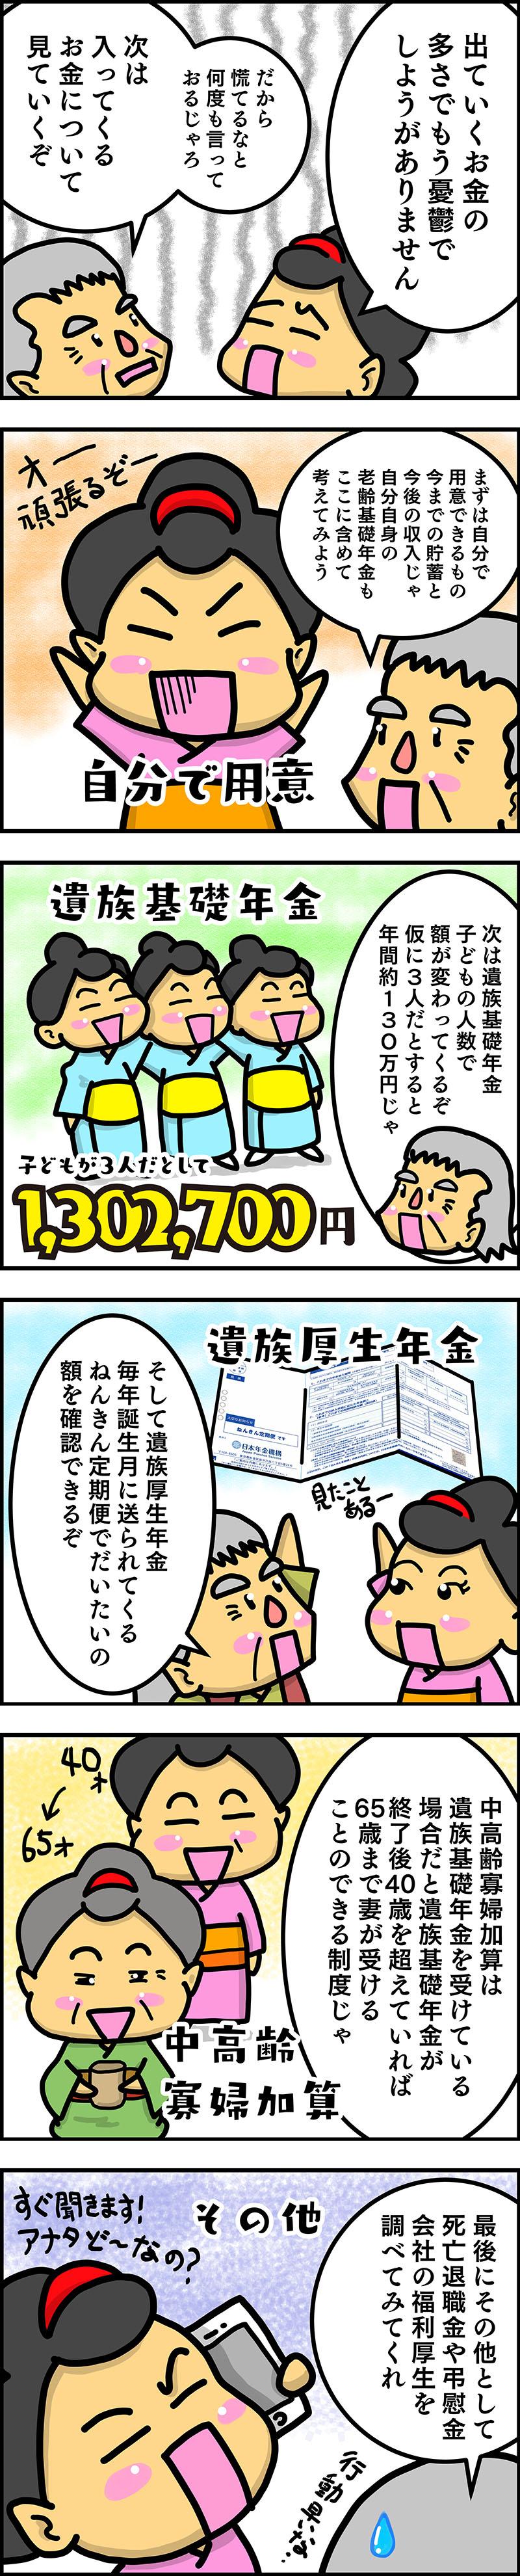 入ってくるお金6コマ漫画